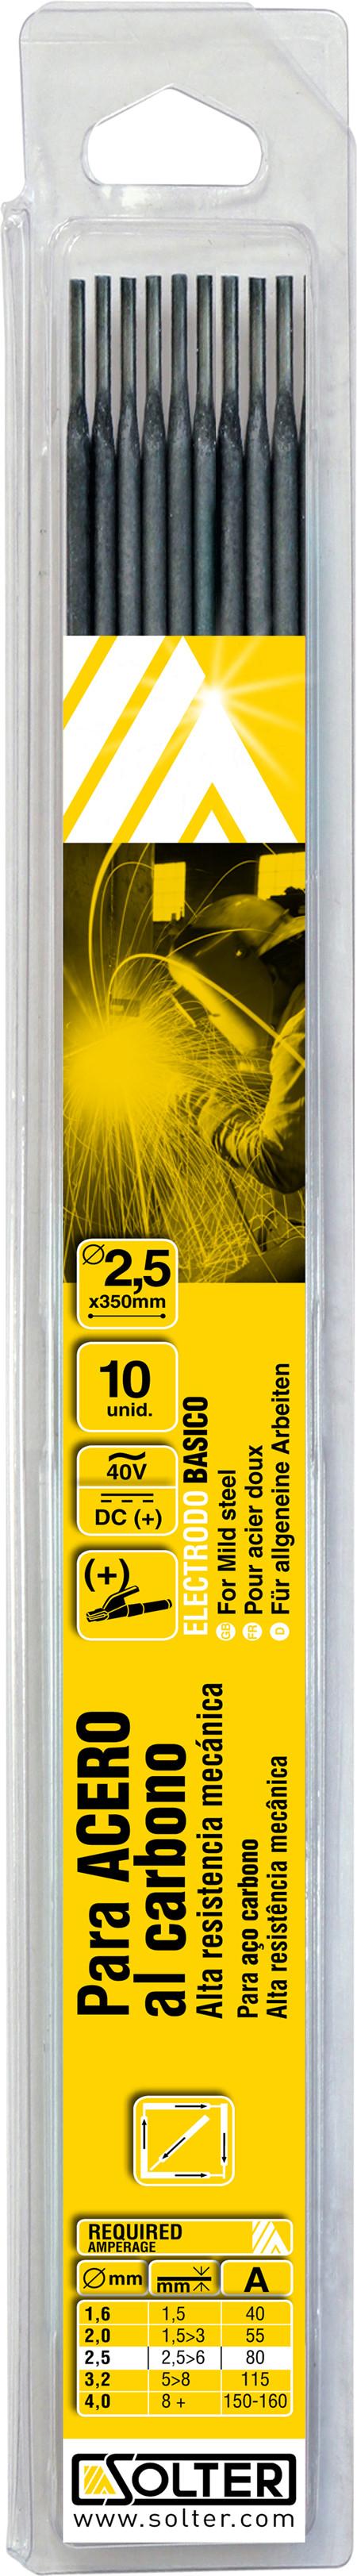 Electrodos Basicos Kangaroo E-7018